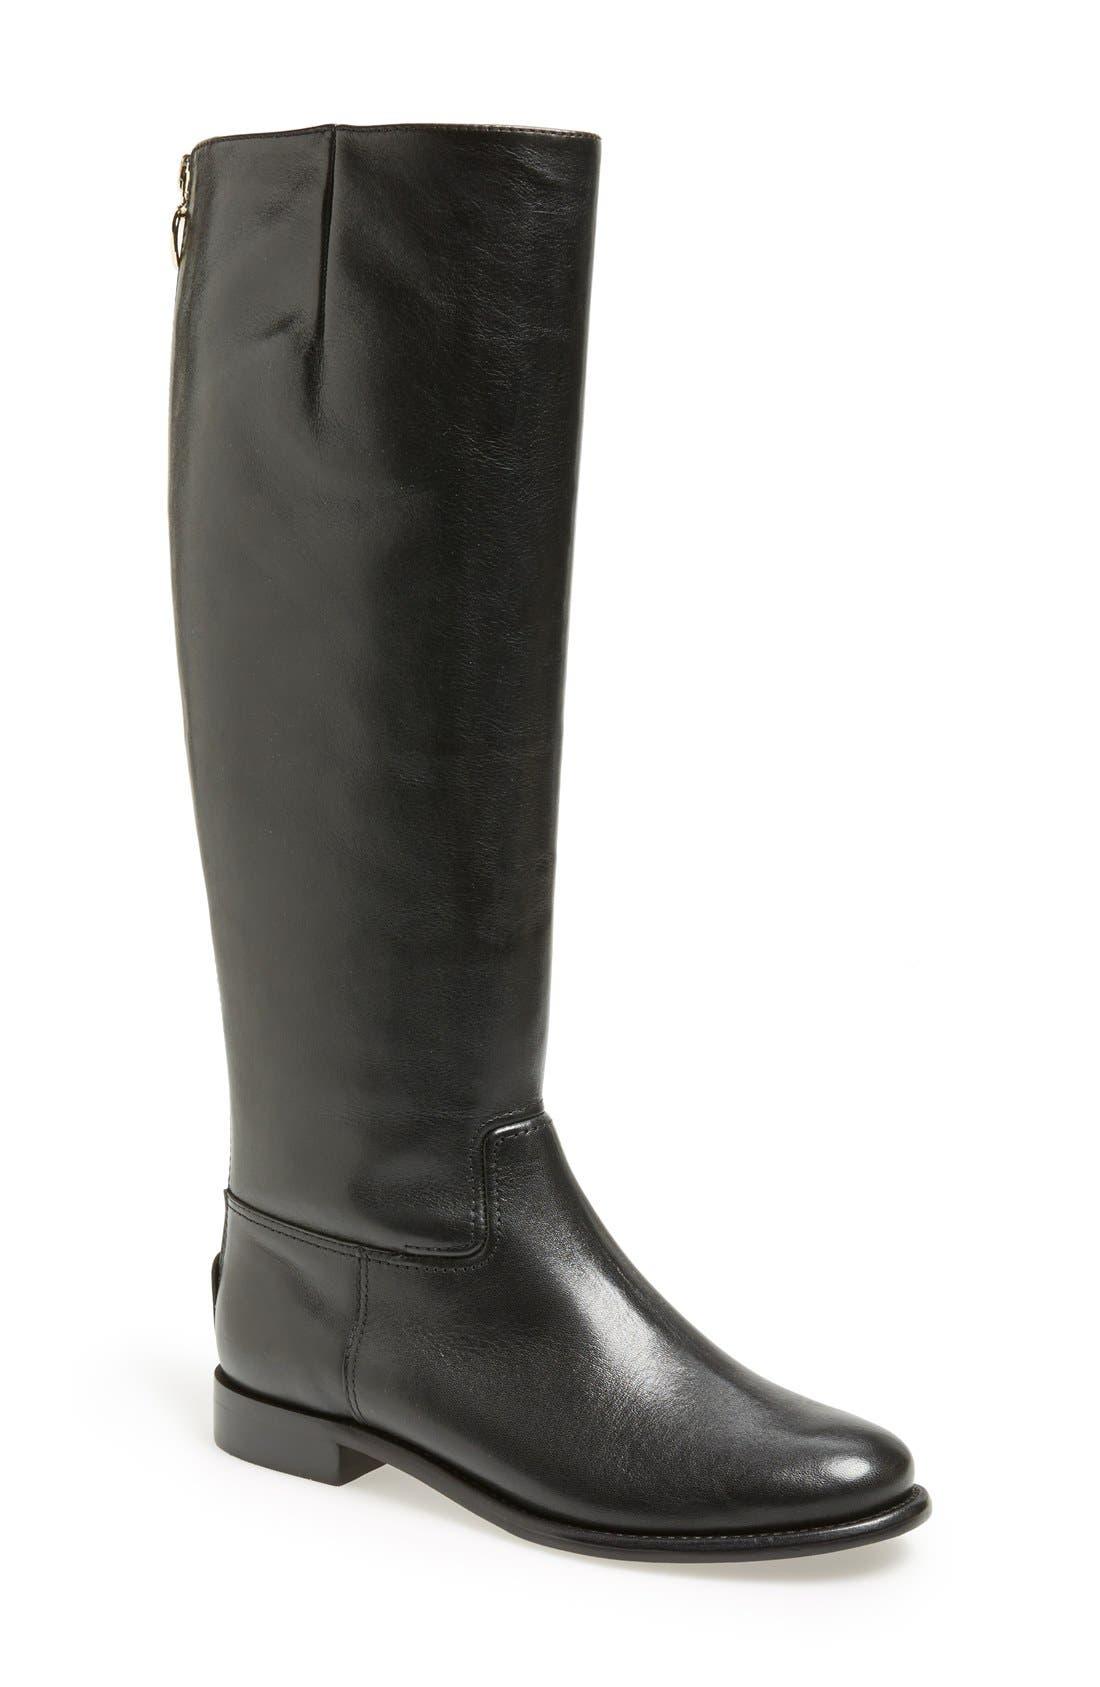 Main Image - Diane von Furstenberg 'Ranger' Tall Boot (Women)